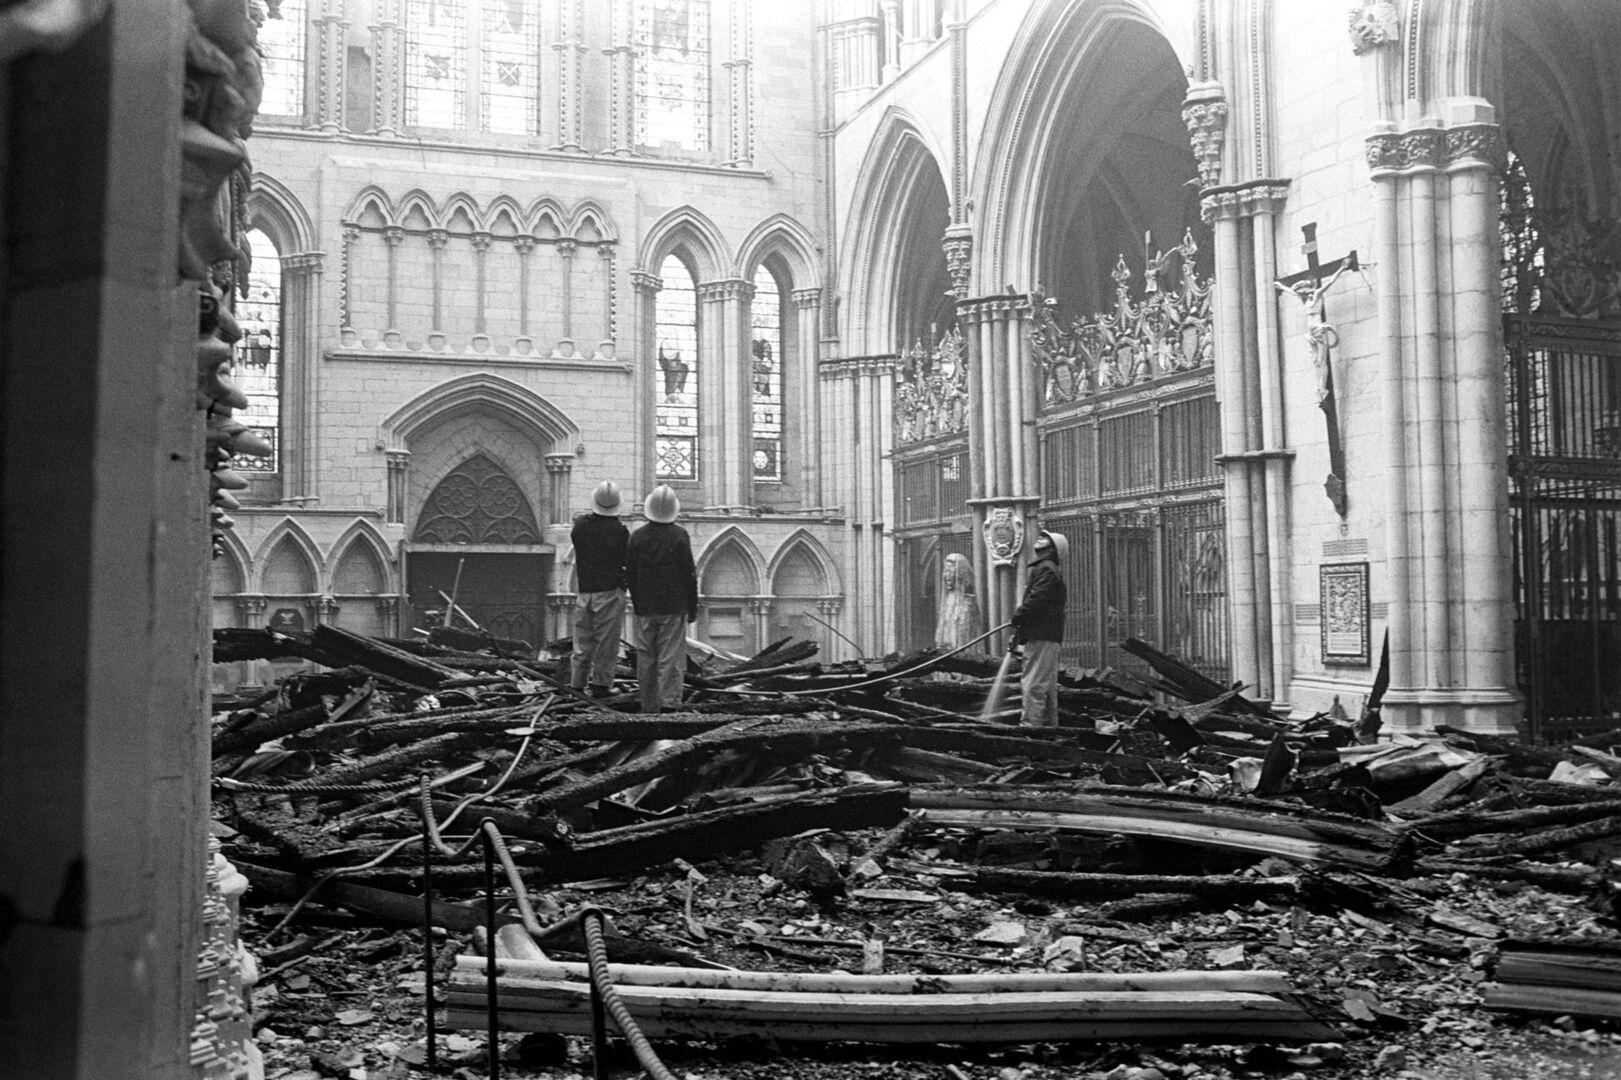 Hablan los expertos: ¿Cómo debería reconstruirse Notre Dame?